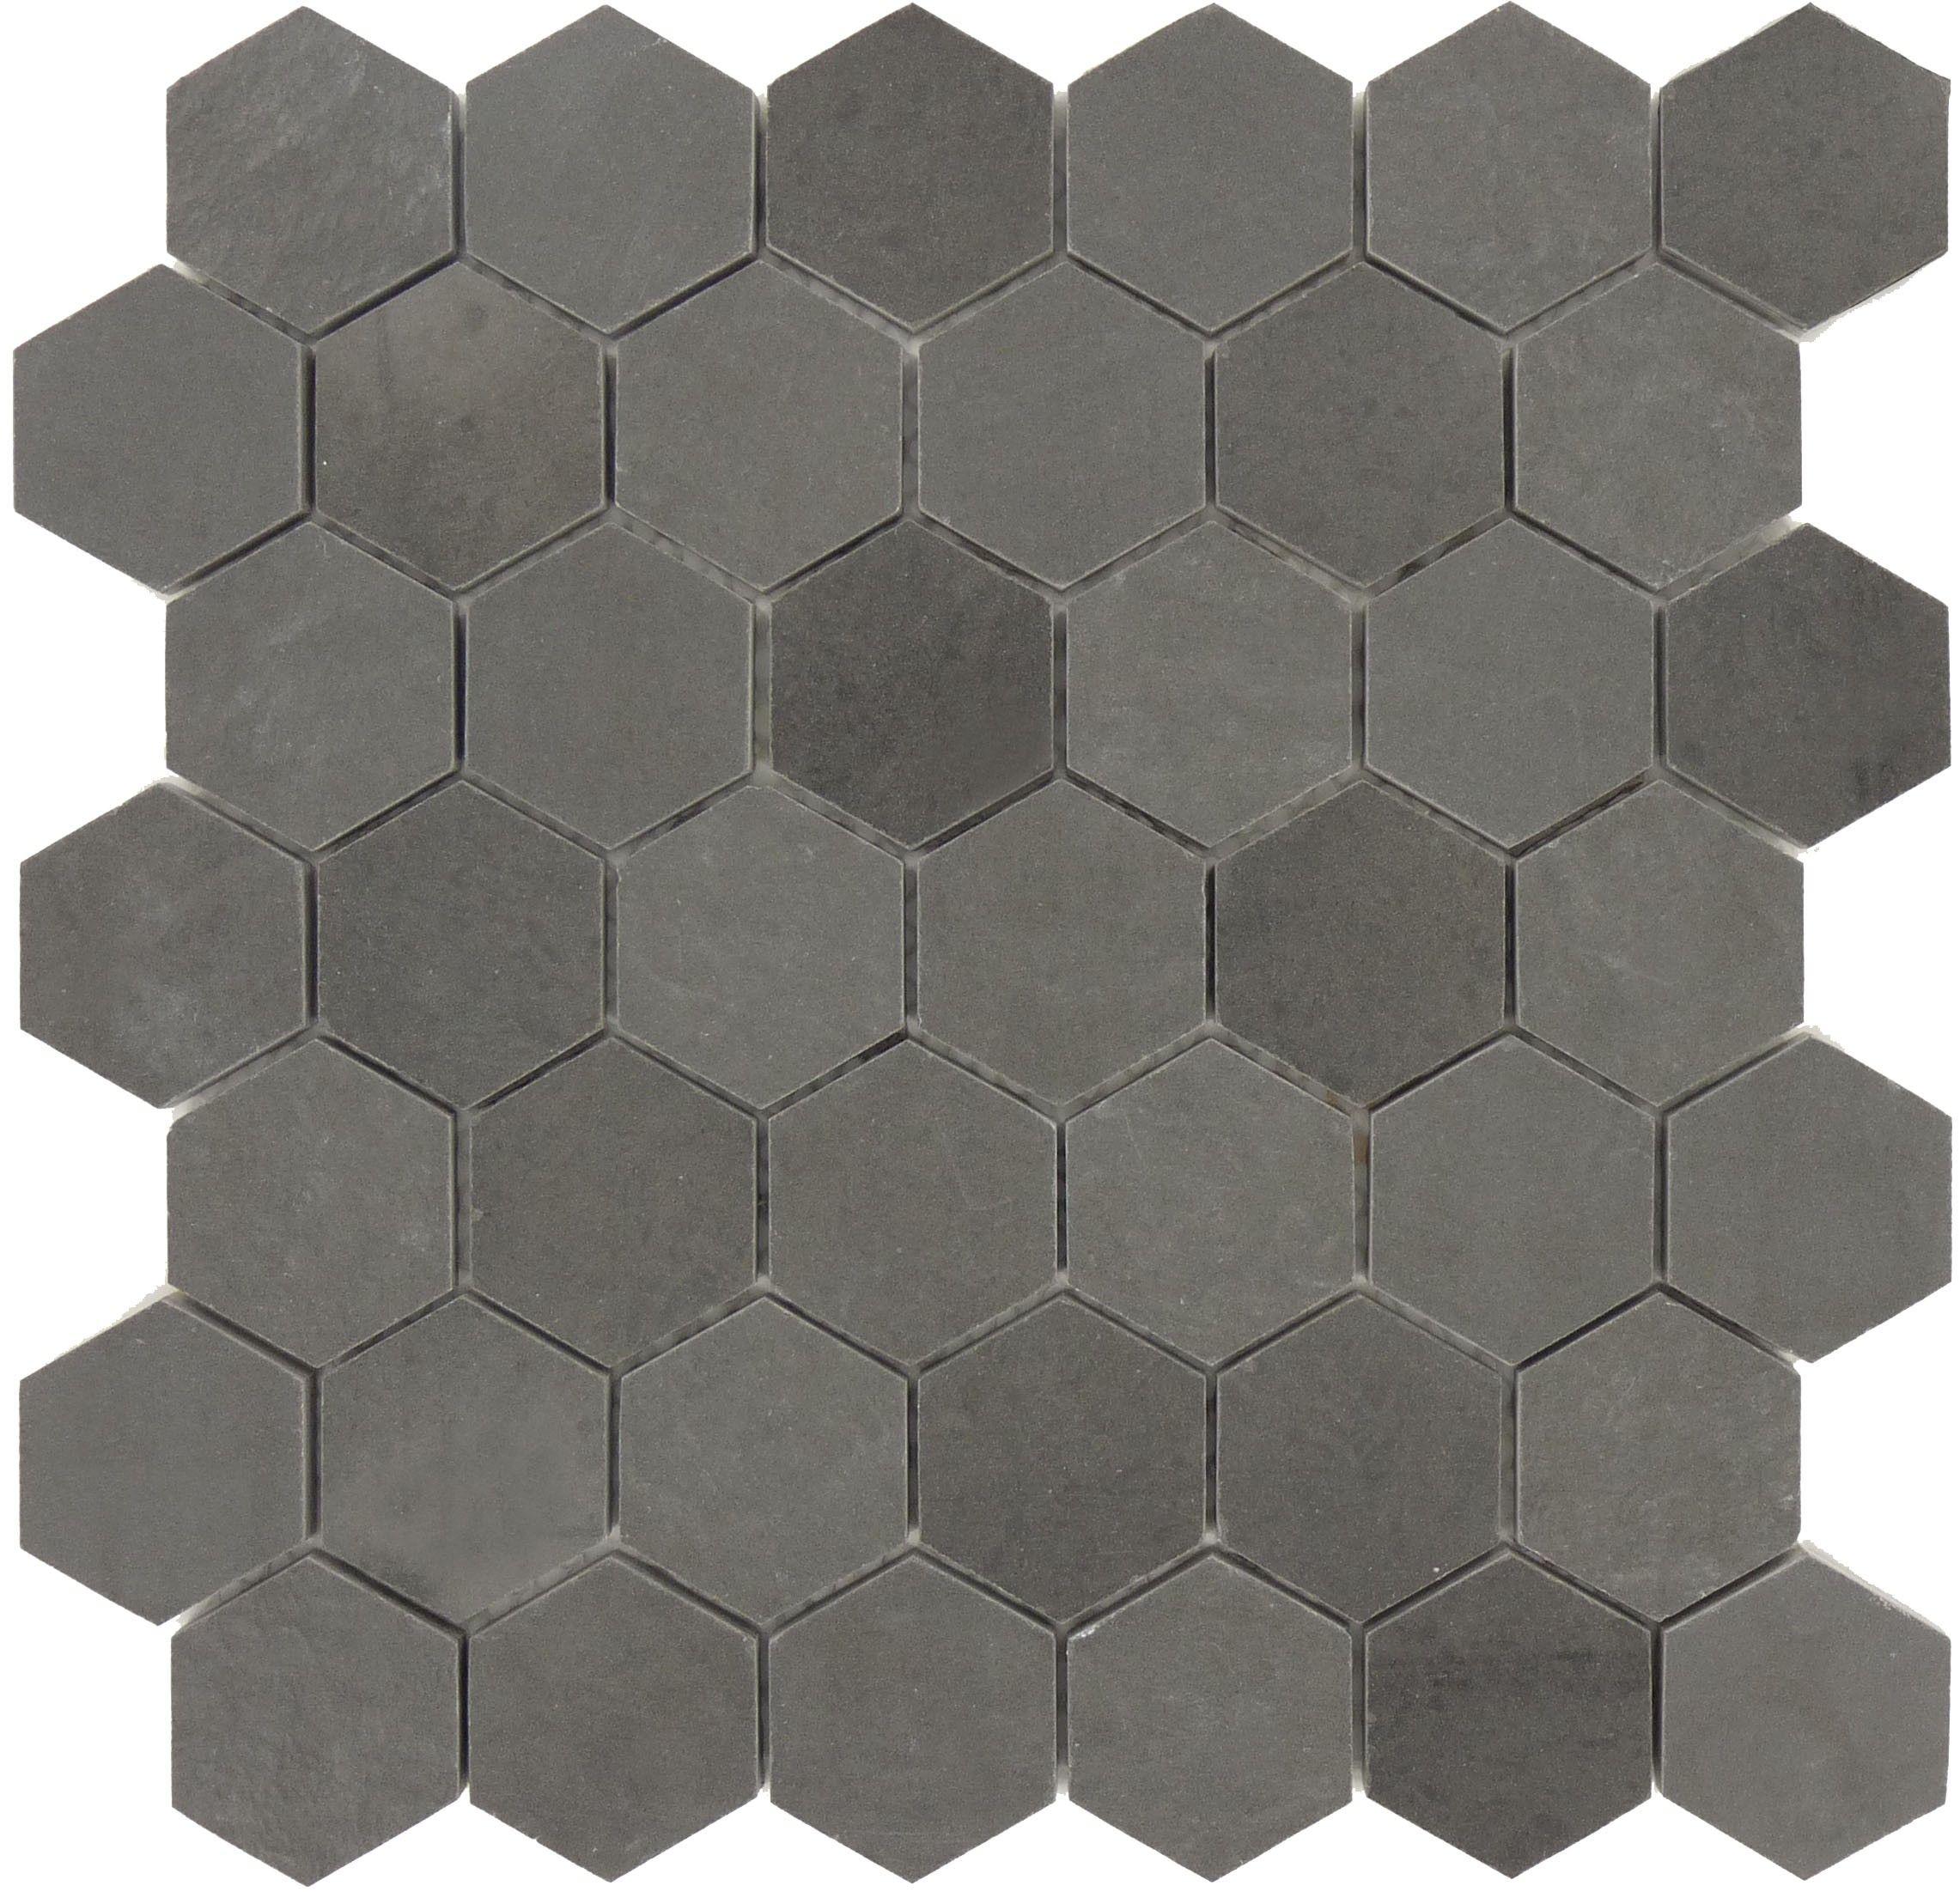 Sheet Size 11 3 X2f 4 Quot X 12 Quot Tile Size 1 7 X2f 8 Quot X 2 1 X2f 8 Quot Hexagon Tiles Mosaic Tile Backsplash Glass Mosaic Tile Backsplash